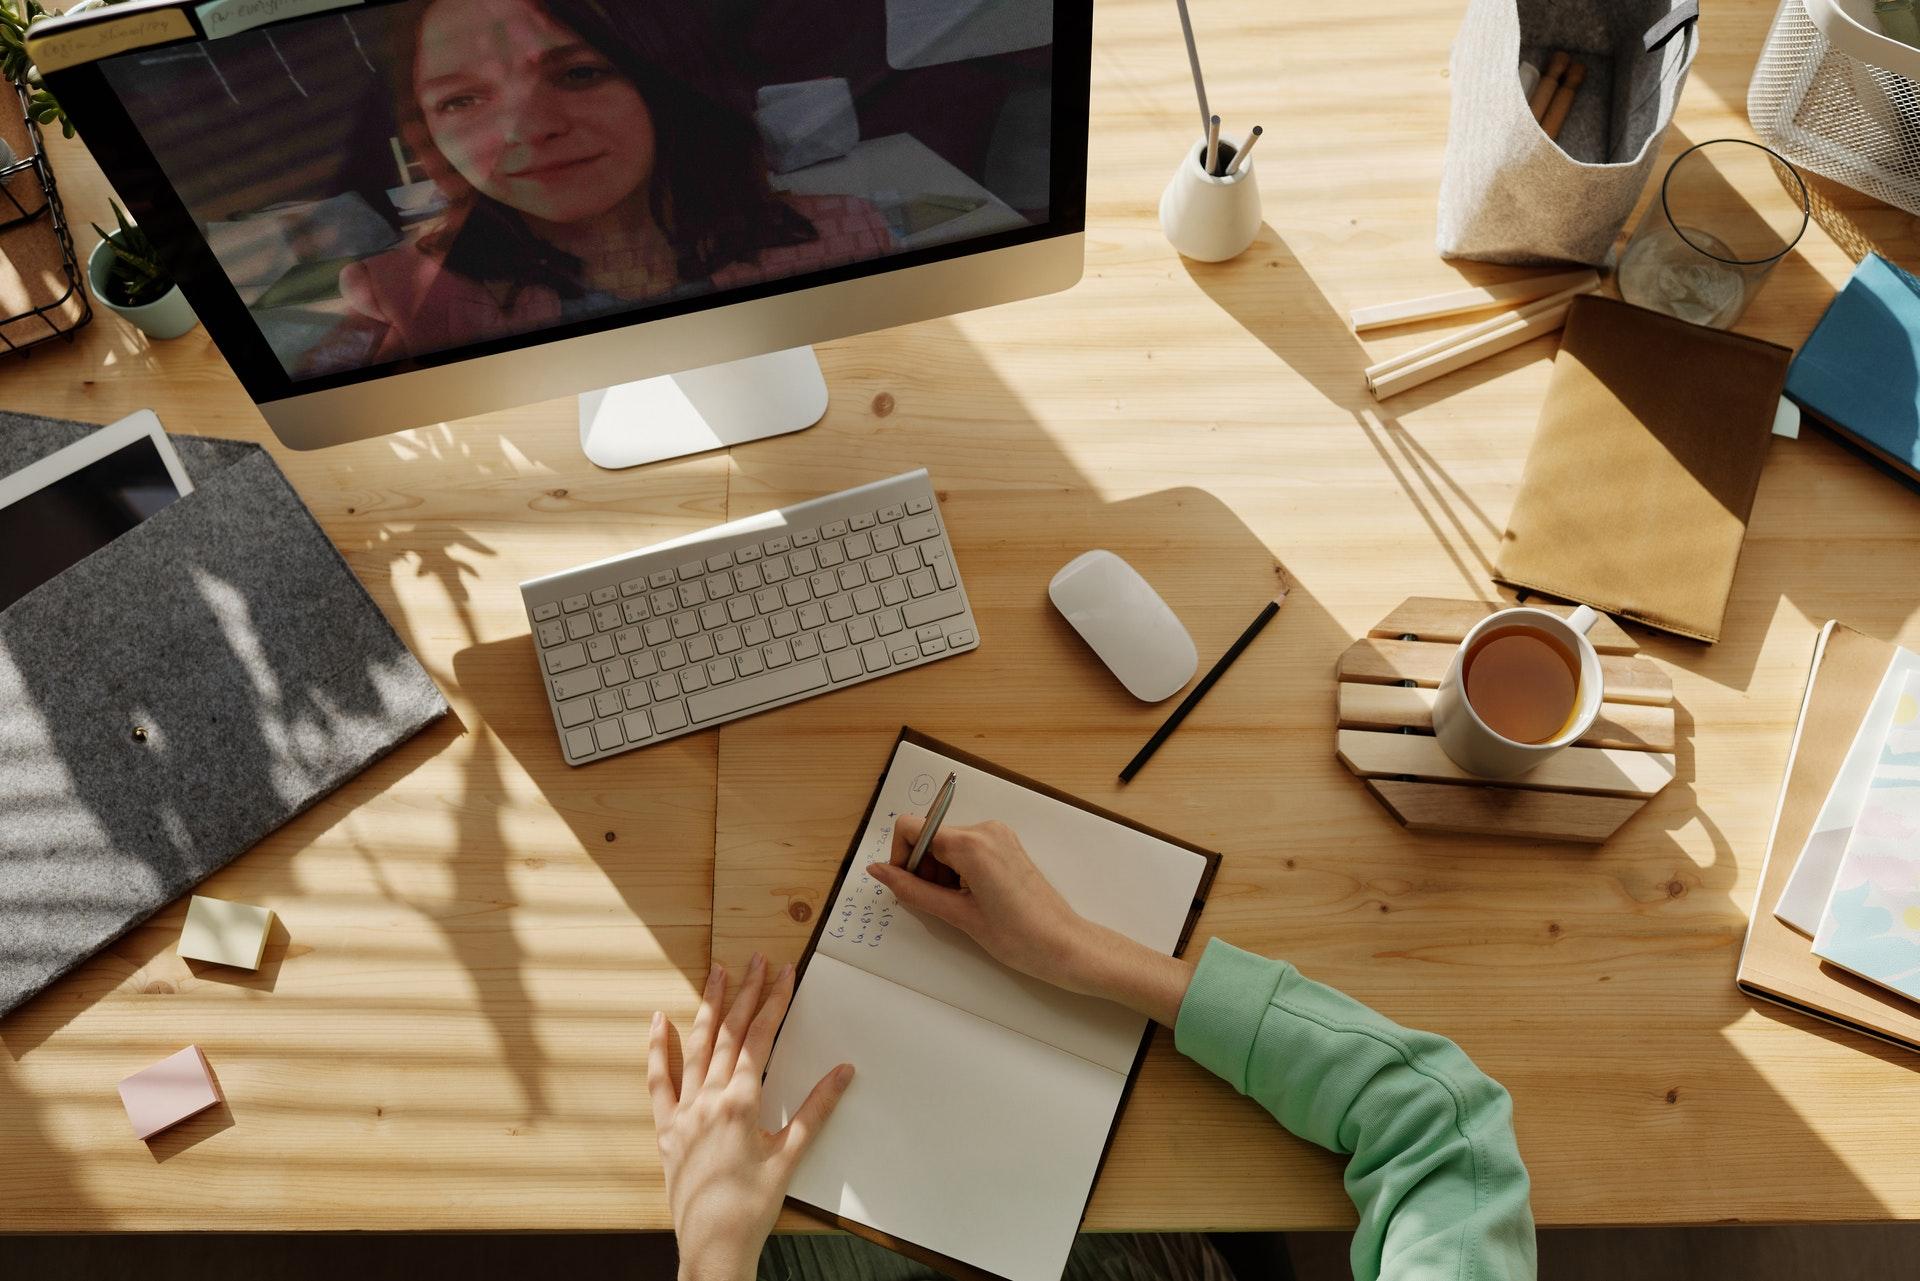 Vemos uma pessoa conversando com outras em uma videochamada (imagem ilustrativa). Texto: vantagens de ter uma franquia.